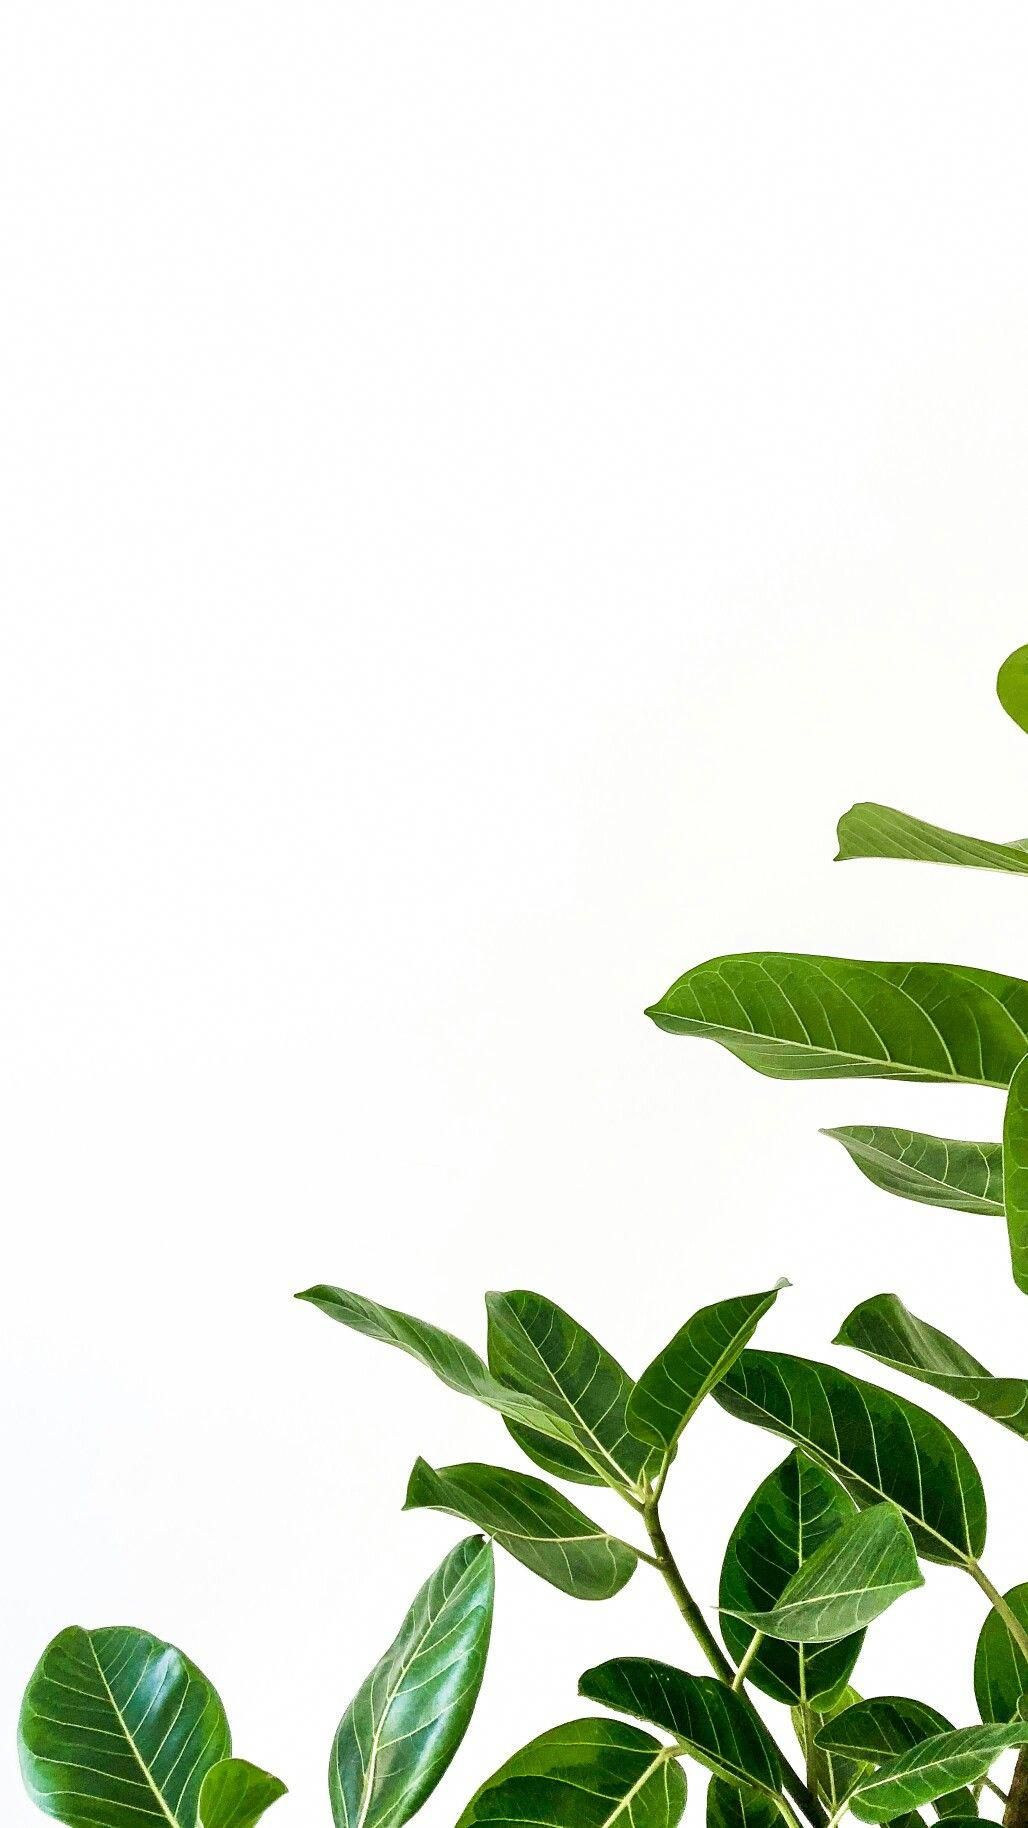 Minimalist Iphone Wallpaper Leaves